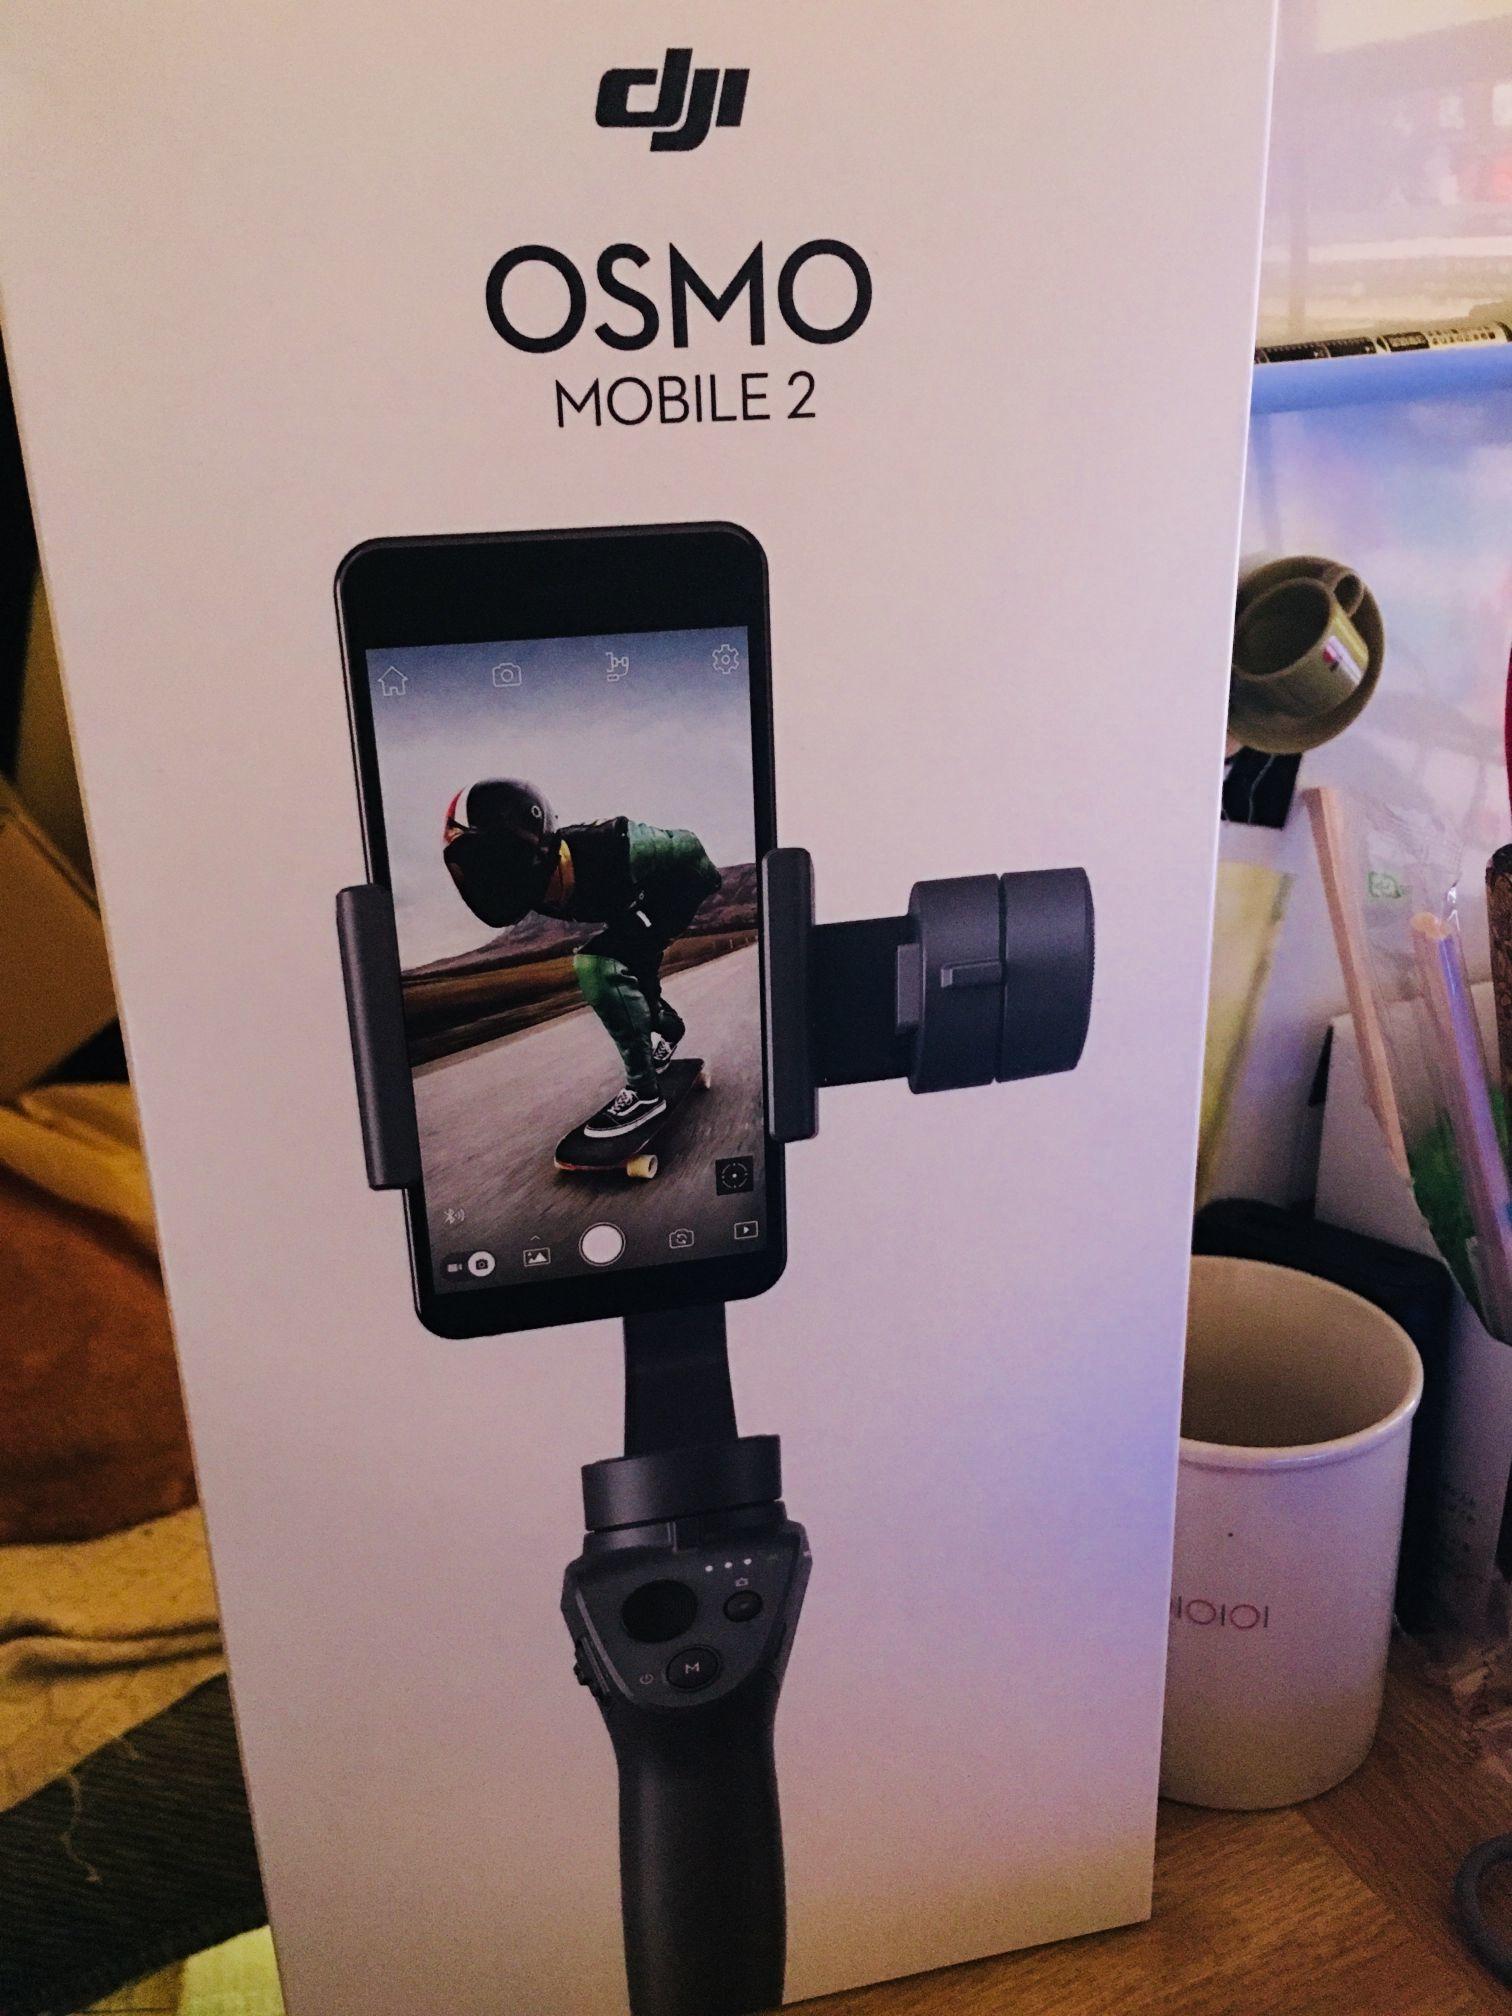 低価格化されて圧倒的に定番スタビライザーになったDJI Osmo mobile 2レビュー